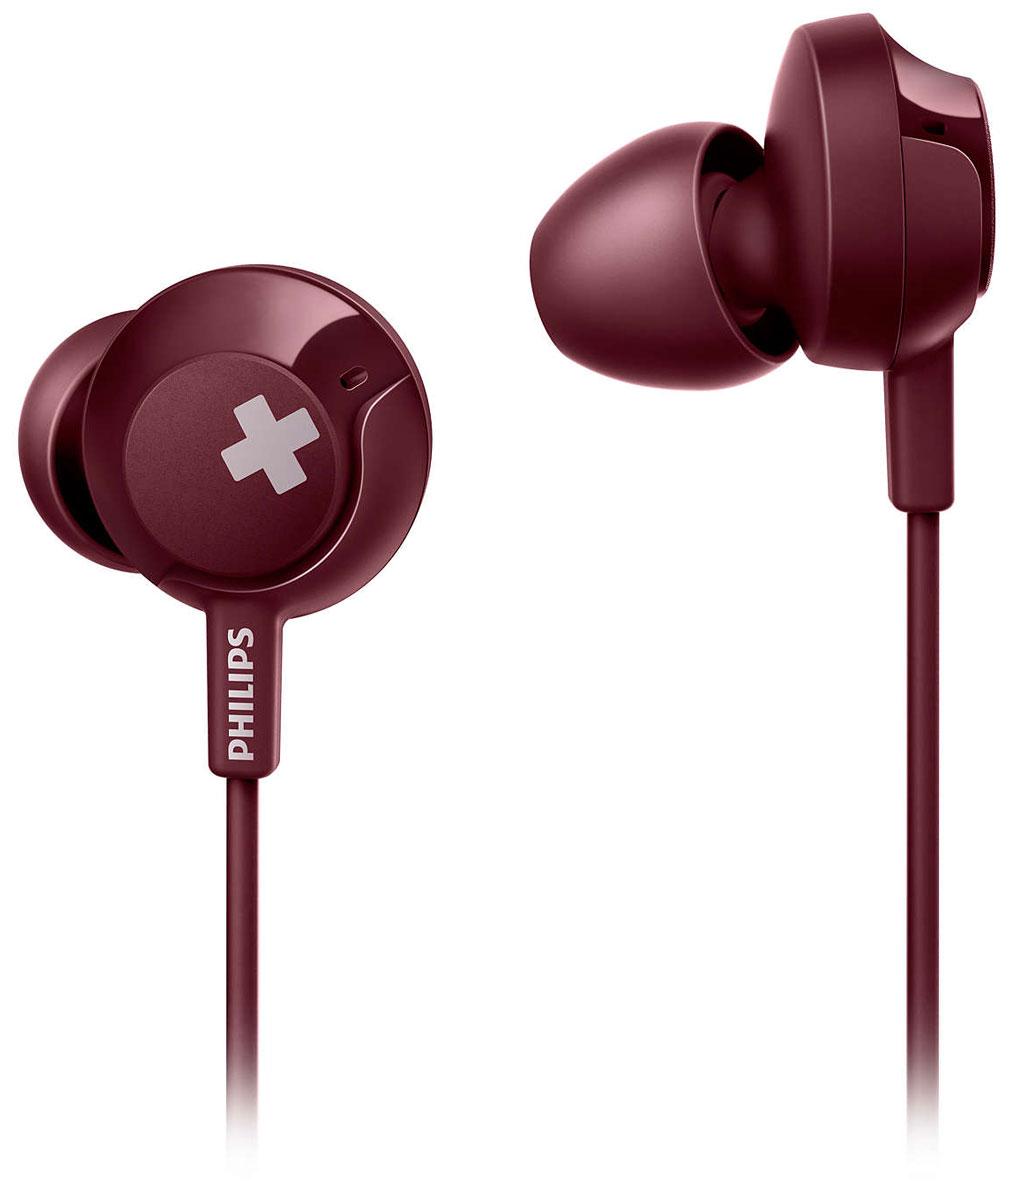 Philips SHE4305 Bass+, Red наушникиSHE4305RD/00Оцените поистине мощный звук и компактный дизайн. Наушники Philips BASS+ со специально настроеннымиизлучателями воспроизводят насыщенные басы, обеспечивают отличную звукоизоляцию и надежную посадку,чтобы вы смогли насладиться качественным звучанием.Глубокий и насыщенный бас для максимального чувства ритма. Воспроизведение эффектных низких частотблагодаря мощным 12,2-мм излучателям в сочетании с изящным, компактным корпусом.Эргономичный дизайн с овальными и изогнутыми звуковыми трубками для удобной и естественной посадки. Выможете слушать музыку на протяжении нескольких часов без остановки с ощущением полного комфорта.Удобные элементы управления позволяют приостанавливать или запускать воспроизведение и отвечать навызовы простым нажатием.Вкладыши обеспечивают оптимальную пассивную шумоизоляцию, а превосходная посадка гарантируеткачественное воспроизведение музыки.